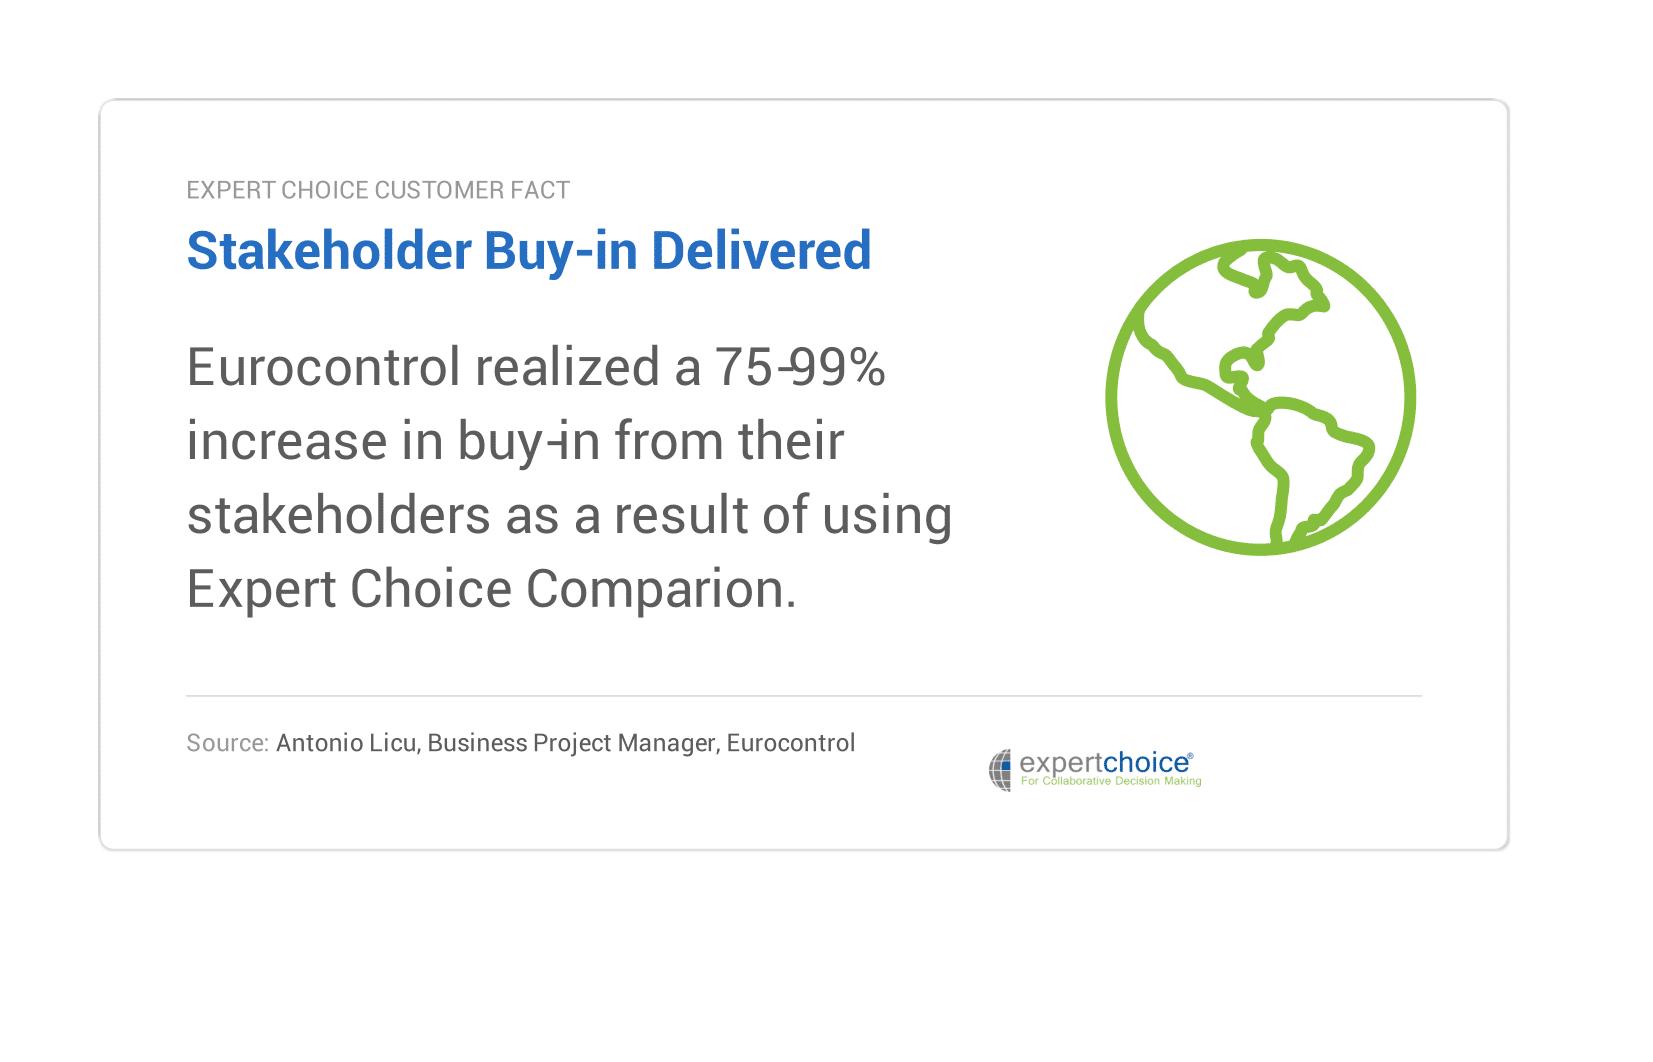 stake holder buy in